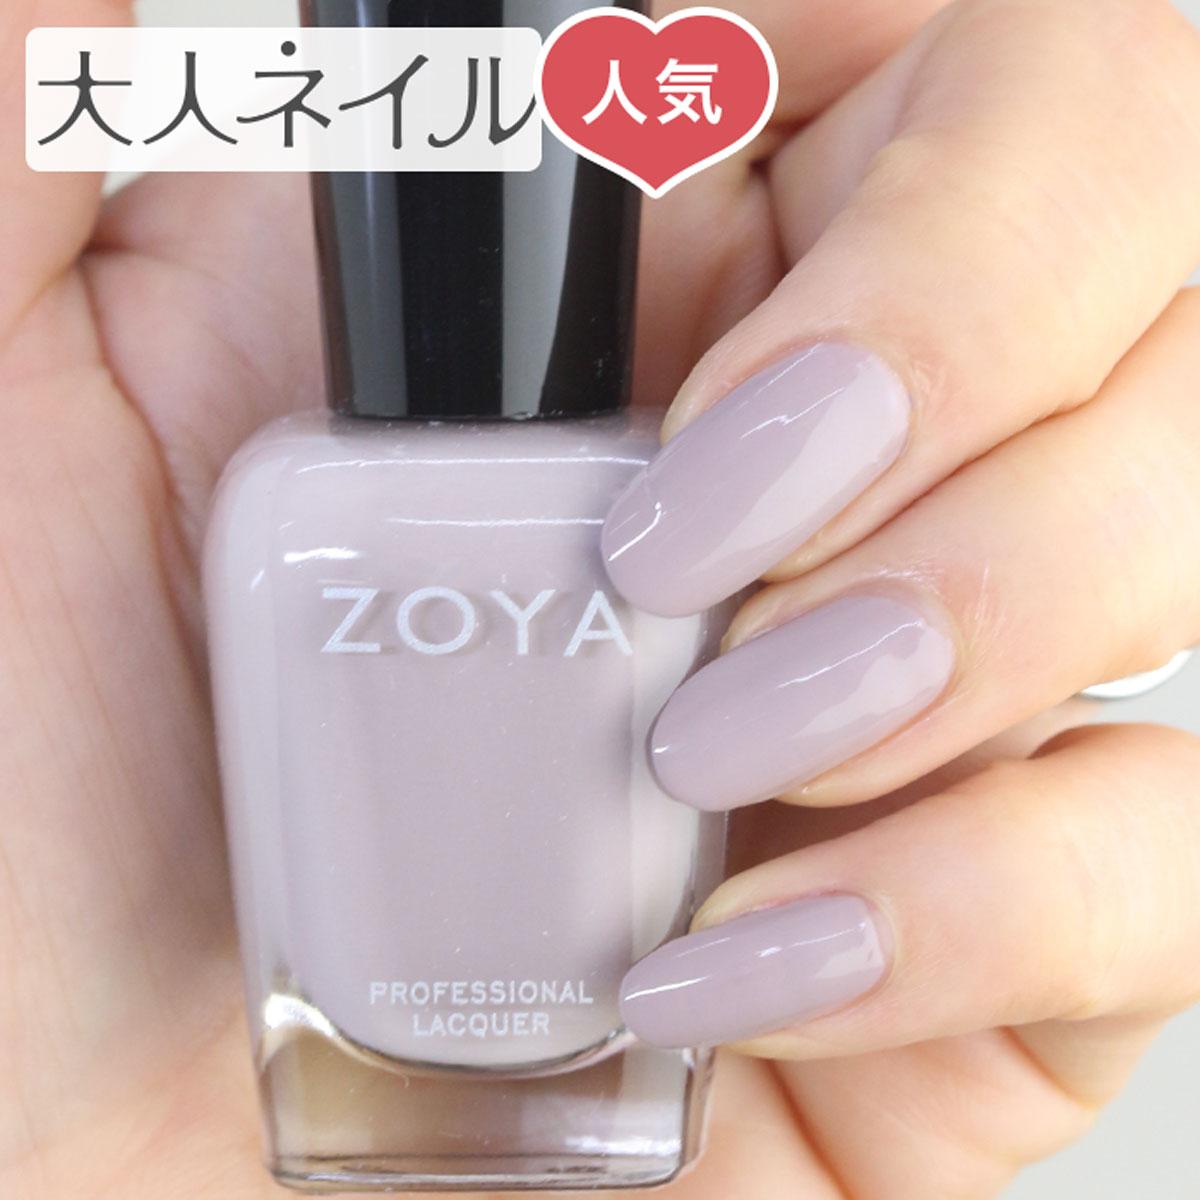 ZOYA ゾーヤ ネイルカラー  ZP825 15mL Eastyn イースティン 自爪 の為に作られた ネイル にやさしい 自然派 マニキュア zoya セルフネイル にもおすすめ 人気色 トップ5 グレープ パープル 紫 ホワイトデー